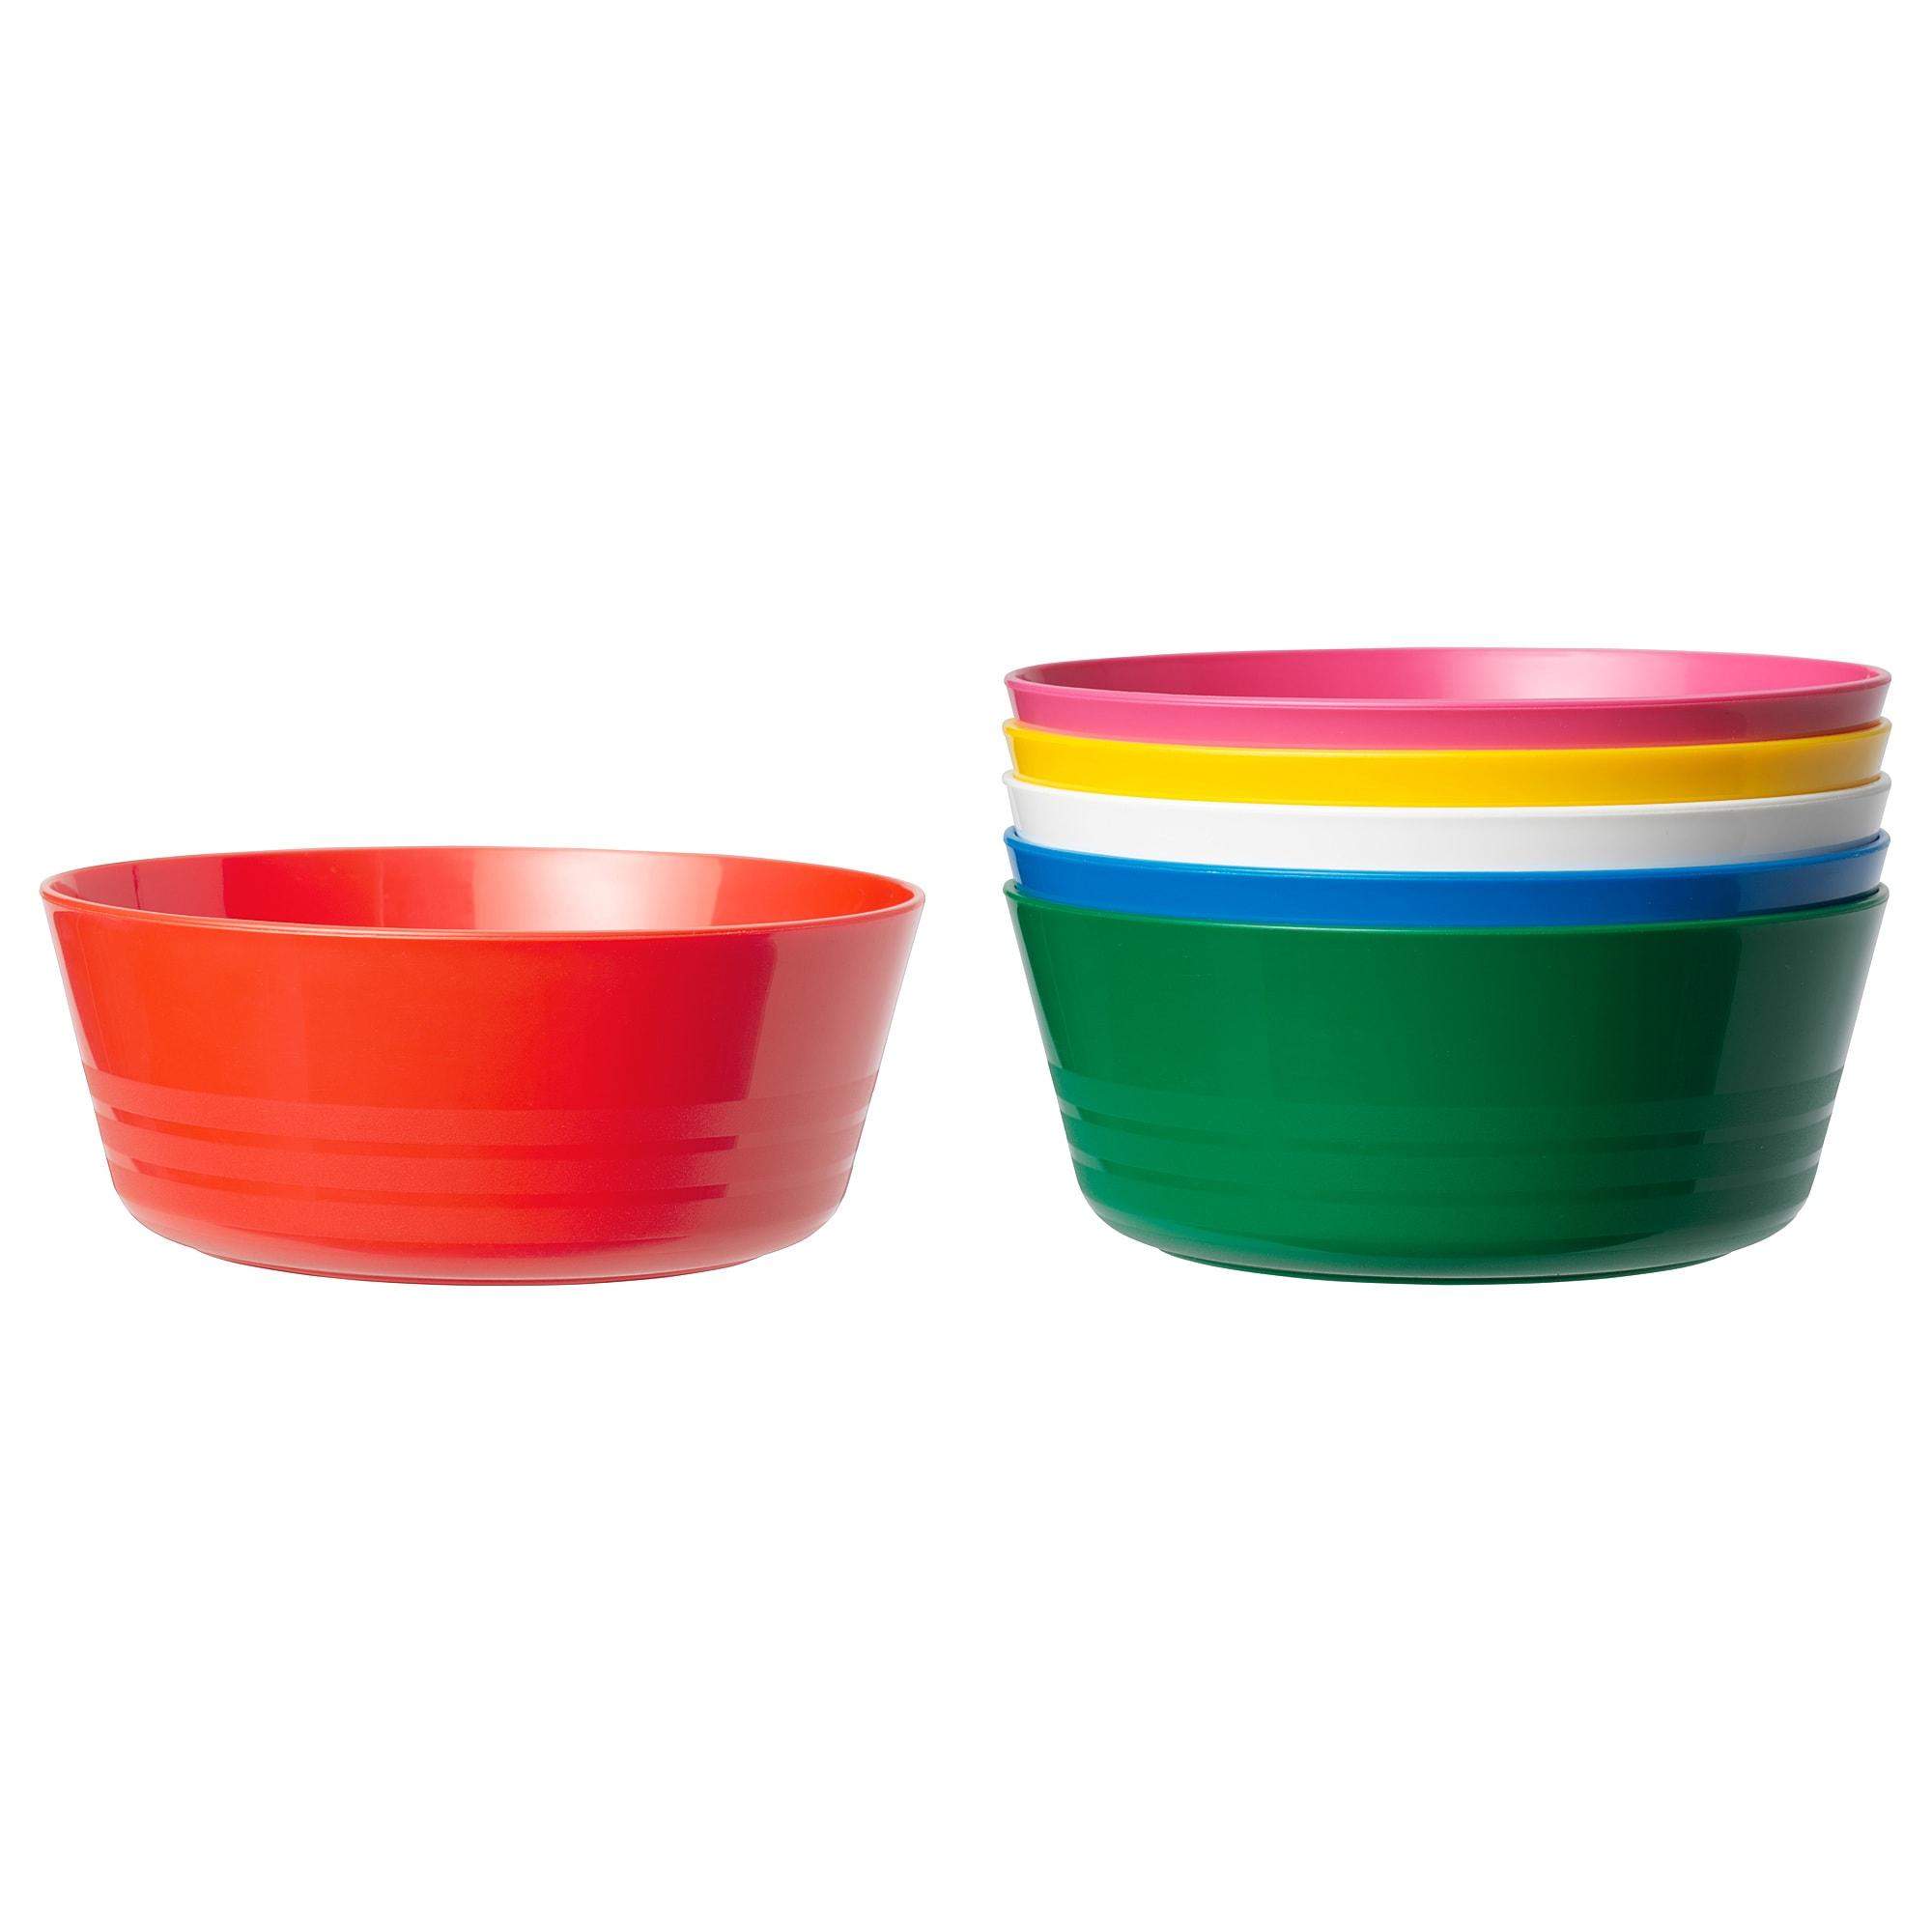 KALAS skål flerfärgad 12 cm 6 styck